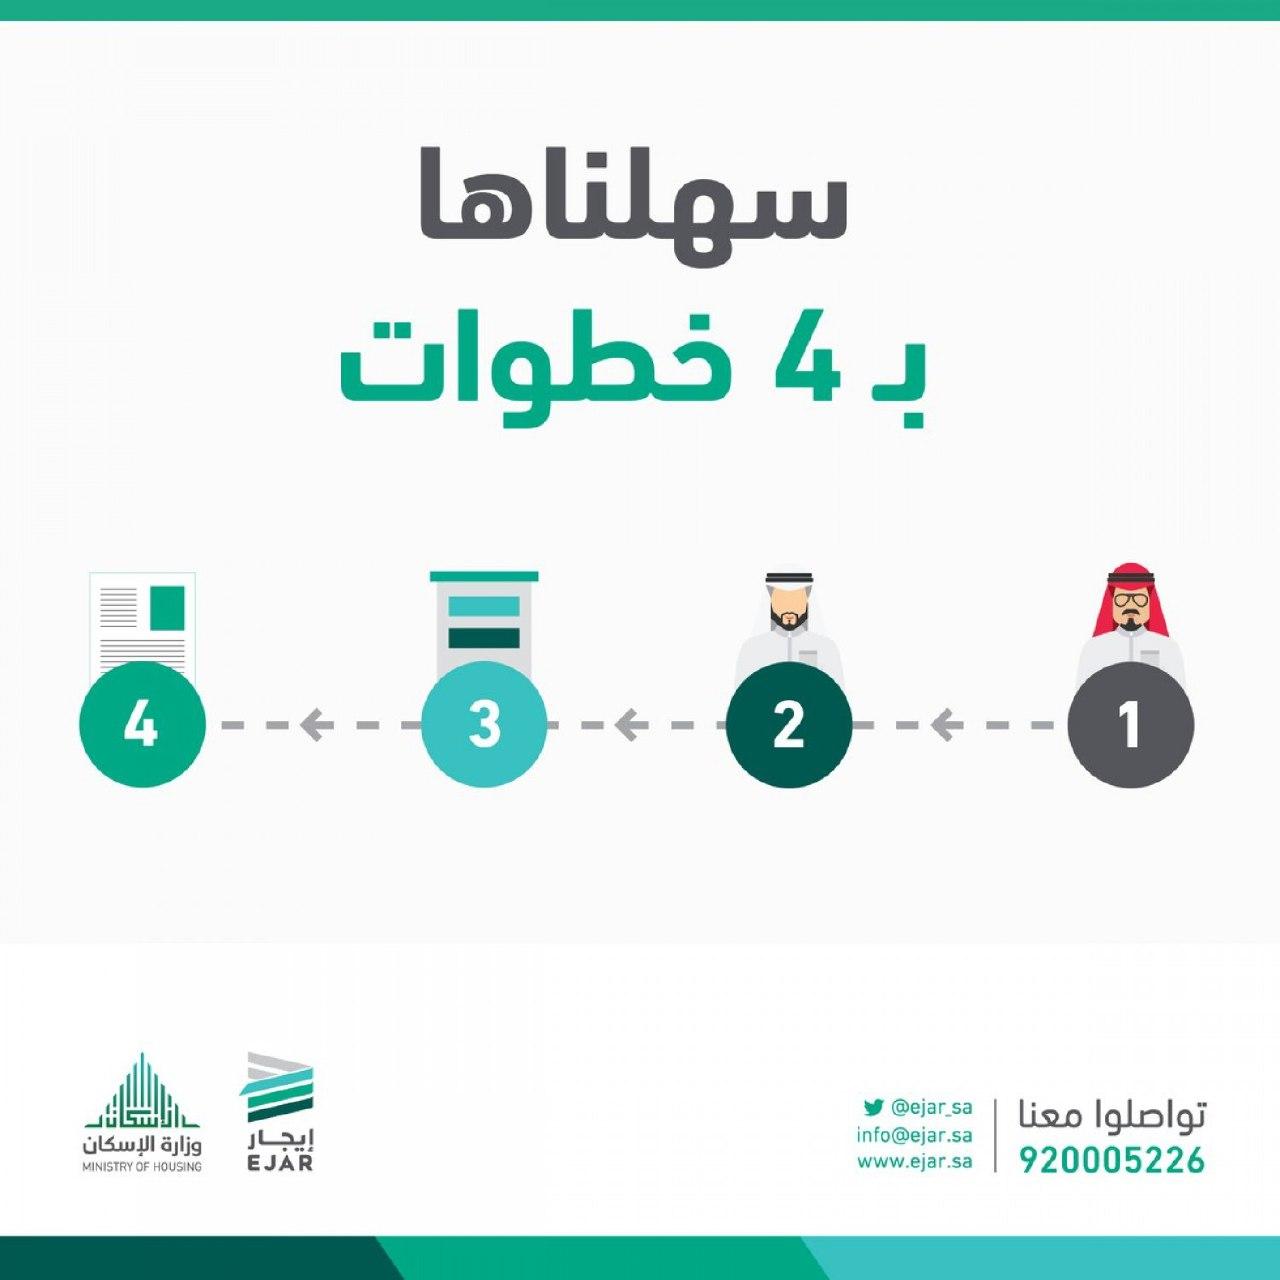 بالإنفوجراف.. 8 مزايا لخدمة التسجيل السريع في «إيجار»